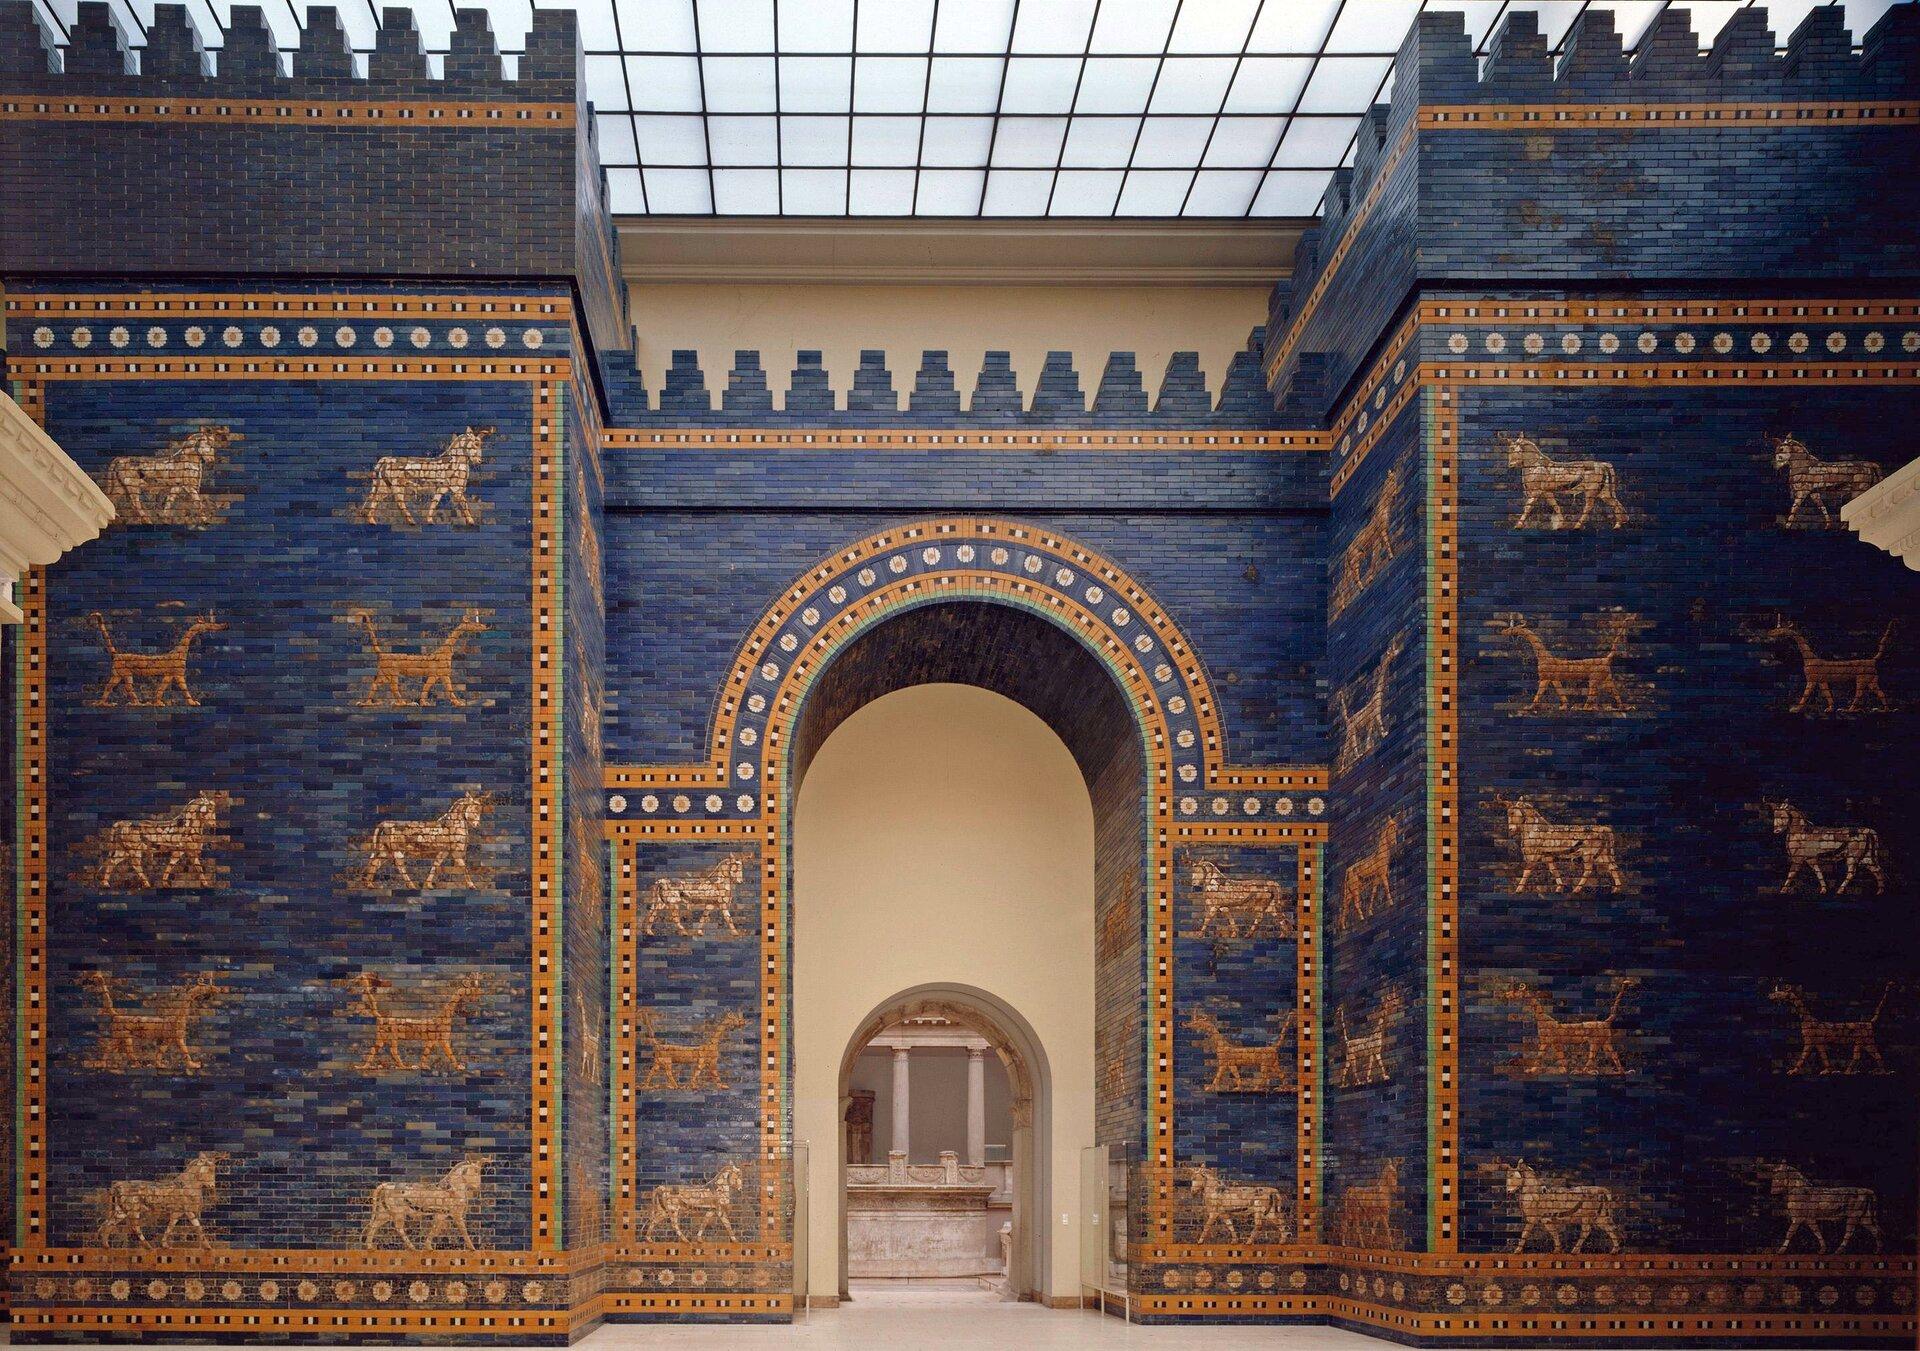 Ilustracja przedstawia Bramę Isztar znajdującą się wMuzeum Pergamońskim wBerlinie. Zdjęcie ukazuje dwie duże, sześcienne wierze, pomiędzy którymi znajduje się wejście zwieńczone łukiem. Całość zamyka ugóry gzyms wykończony blankami – zębatym zwieńczeniem muru. Ściany budowli obłożone zostały glazurowaną cegłą wkolorze niebieskim, na której tle umieszczono reliefowe przedstawienia zwierząt (węże, smoki ibyki) wykonane wkolorach żółci, zieleni, bieli iczerwieni. Dodatkowym elementem zdobniczym są pasy rozetek obramowujących płaszczyzny murów oraz zdobiących sklepienie przejścia.